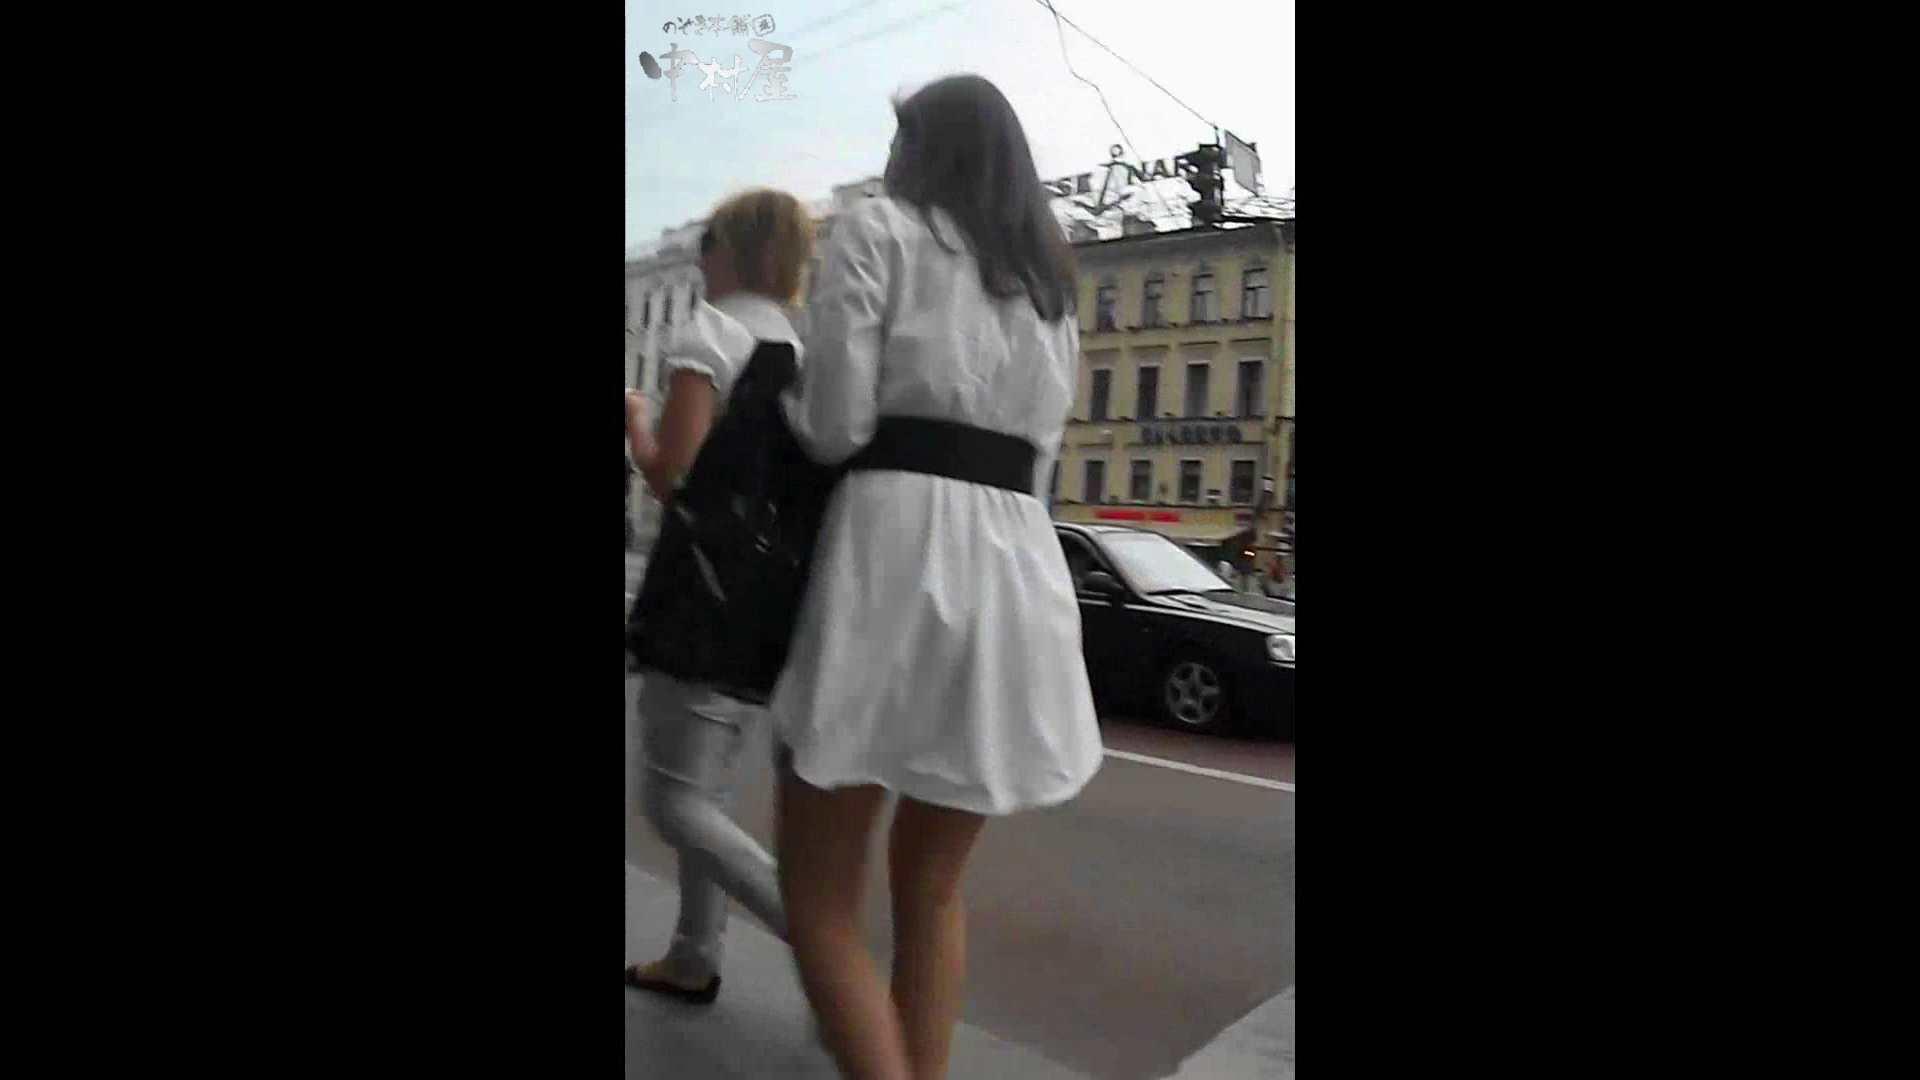 綺麗なモデルさんのスカート捲っちゃおう‼ vol10 エロいお姉さん | 0  9枚 5